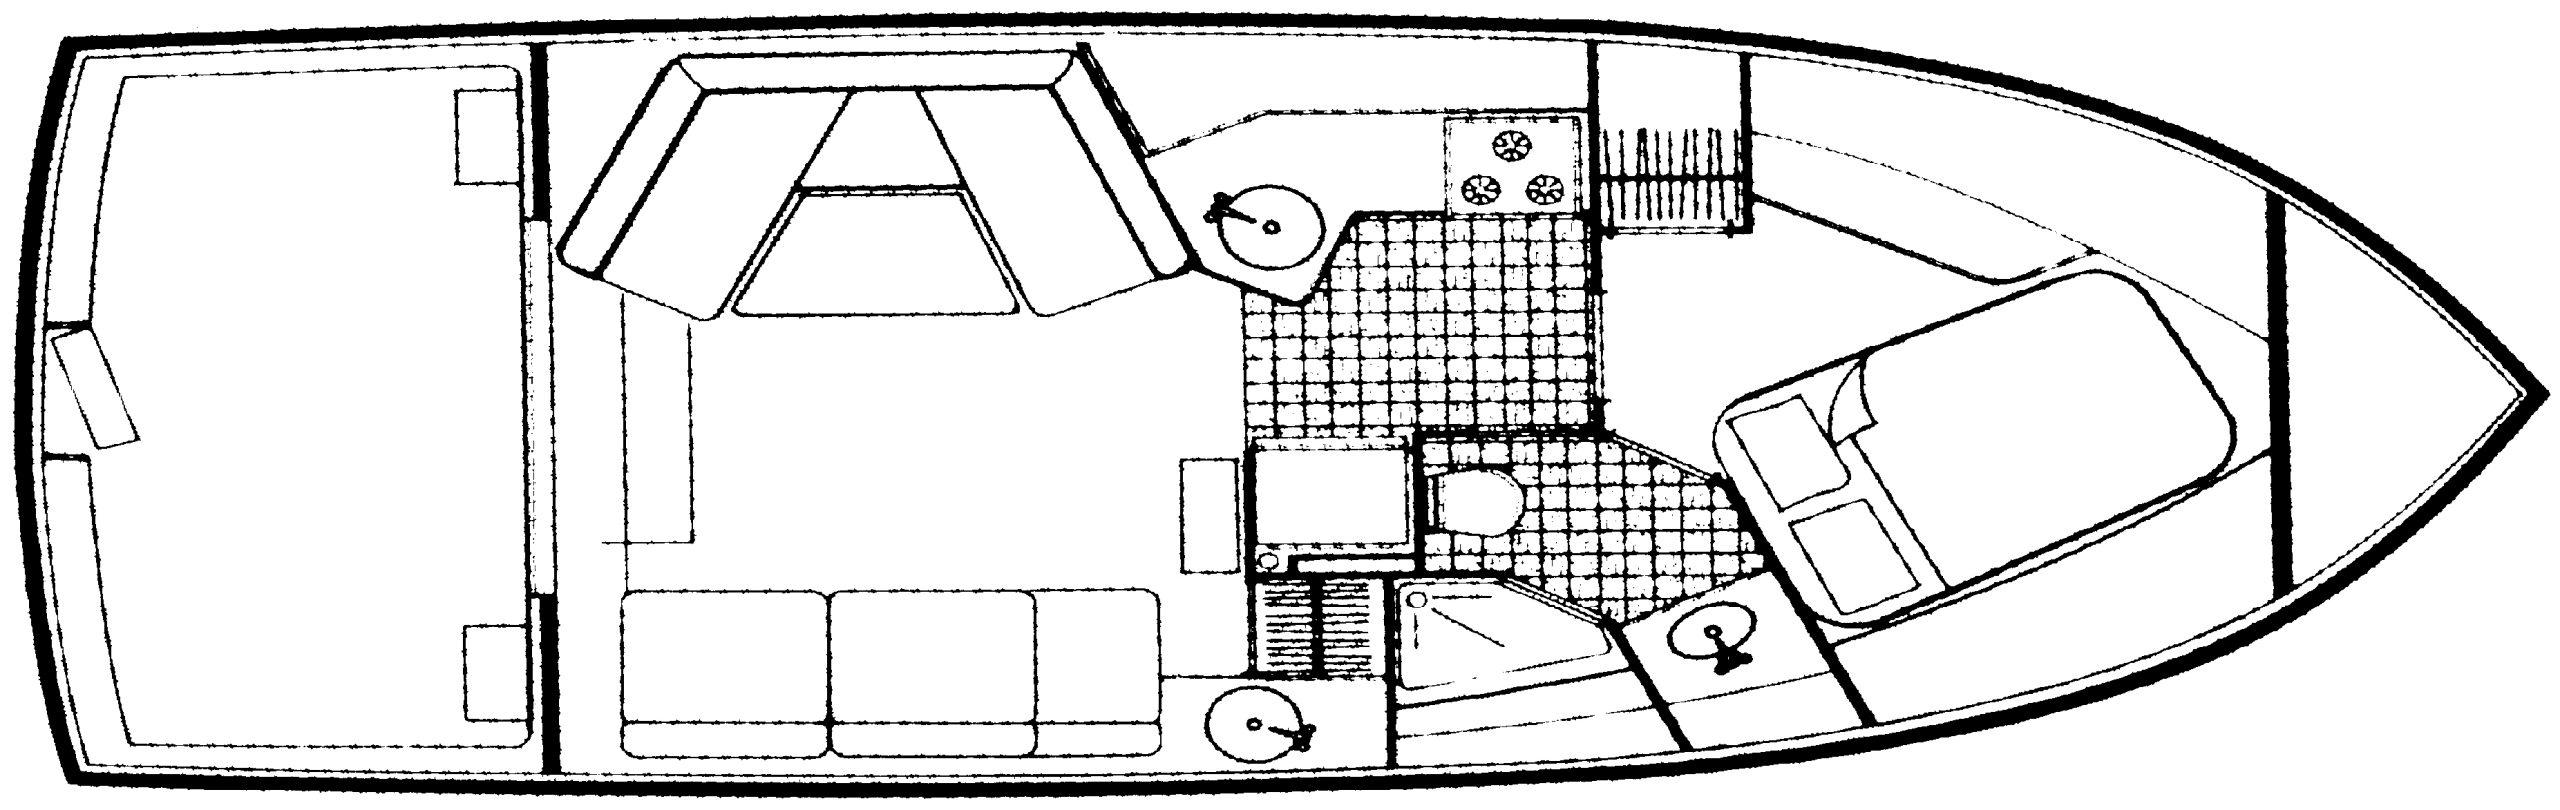 3297 Mariner; 330 Mariner Floor Plan 1